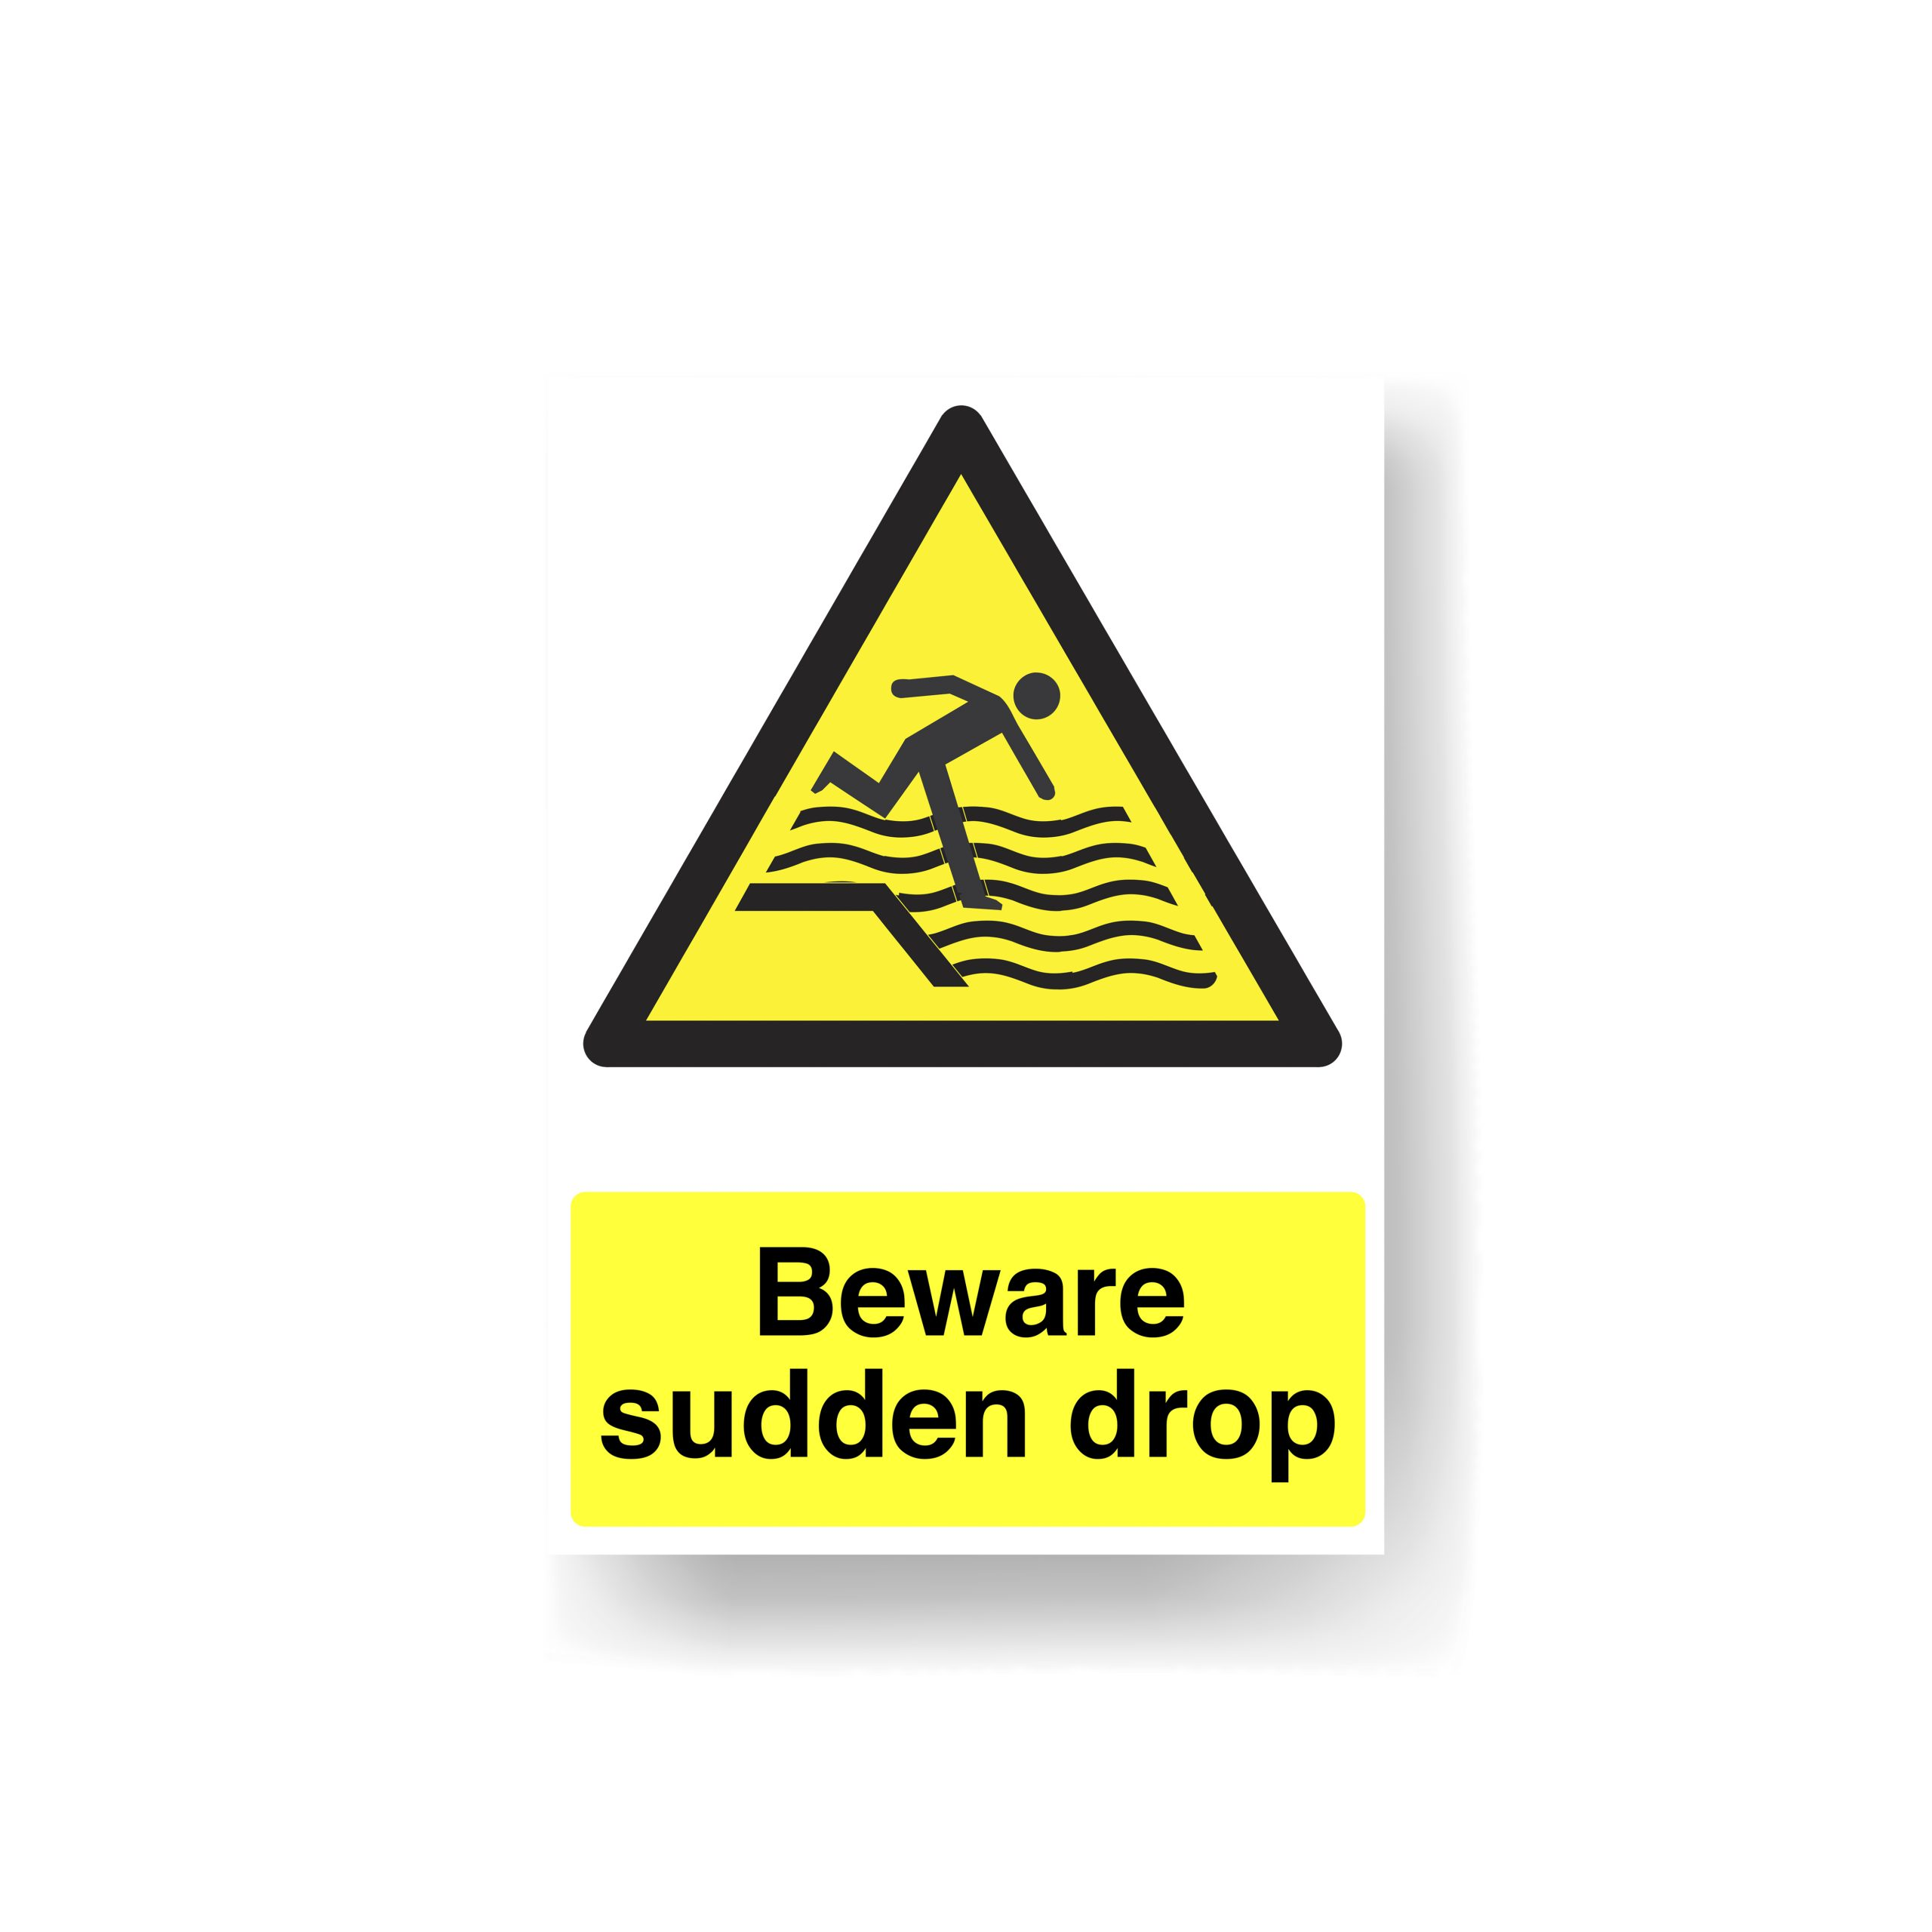 Sudden Drop Sign